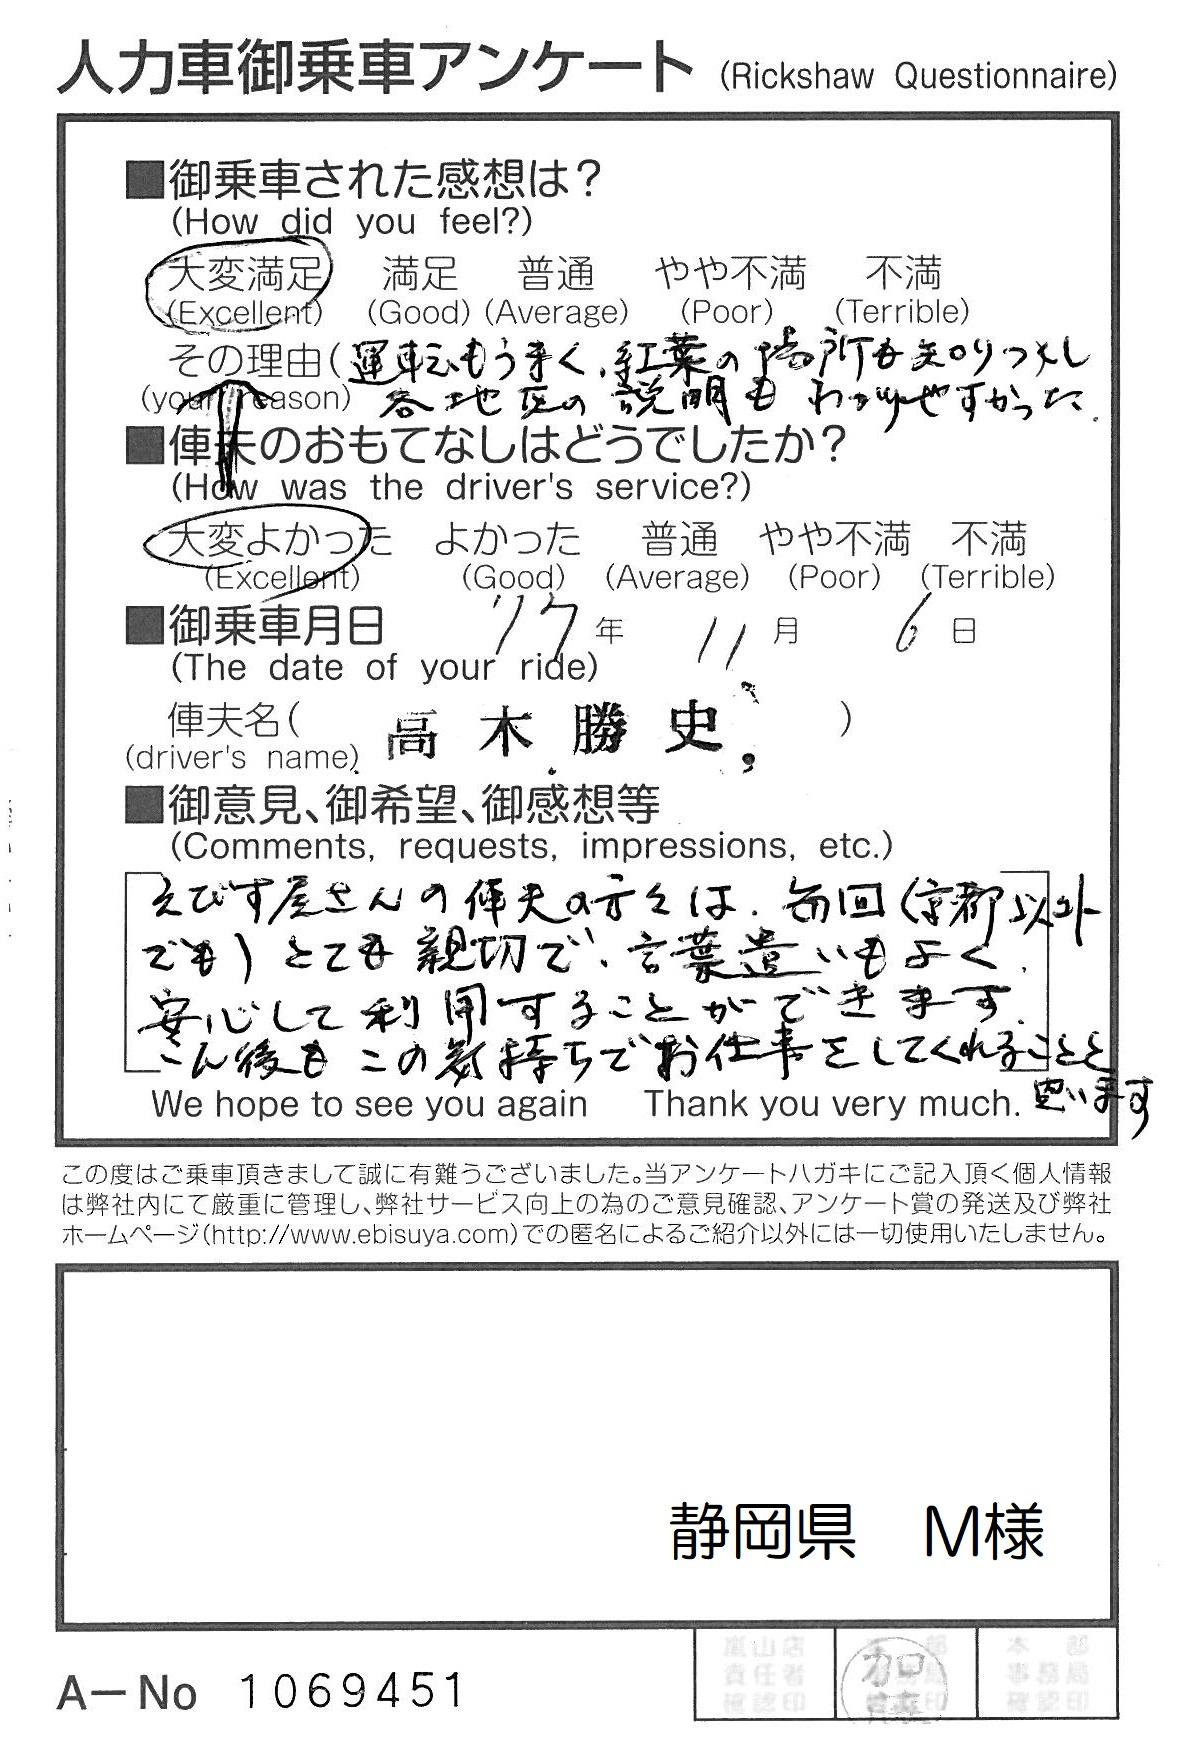 静岡県 M様